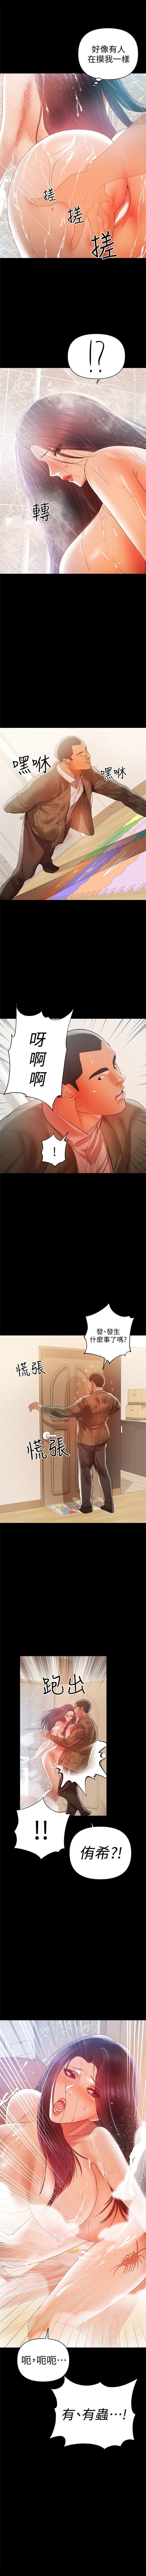 (週6)兼職奶媽 1-31 中文翻譯 (更新中) 96